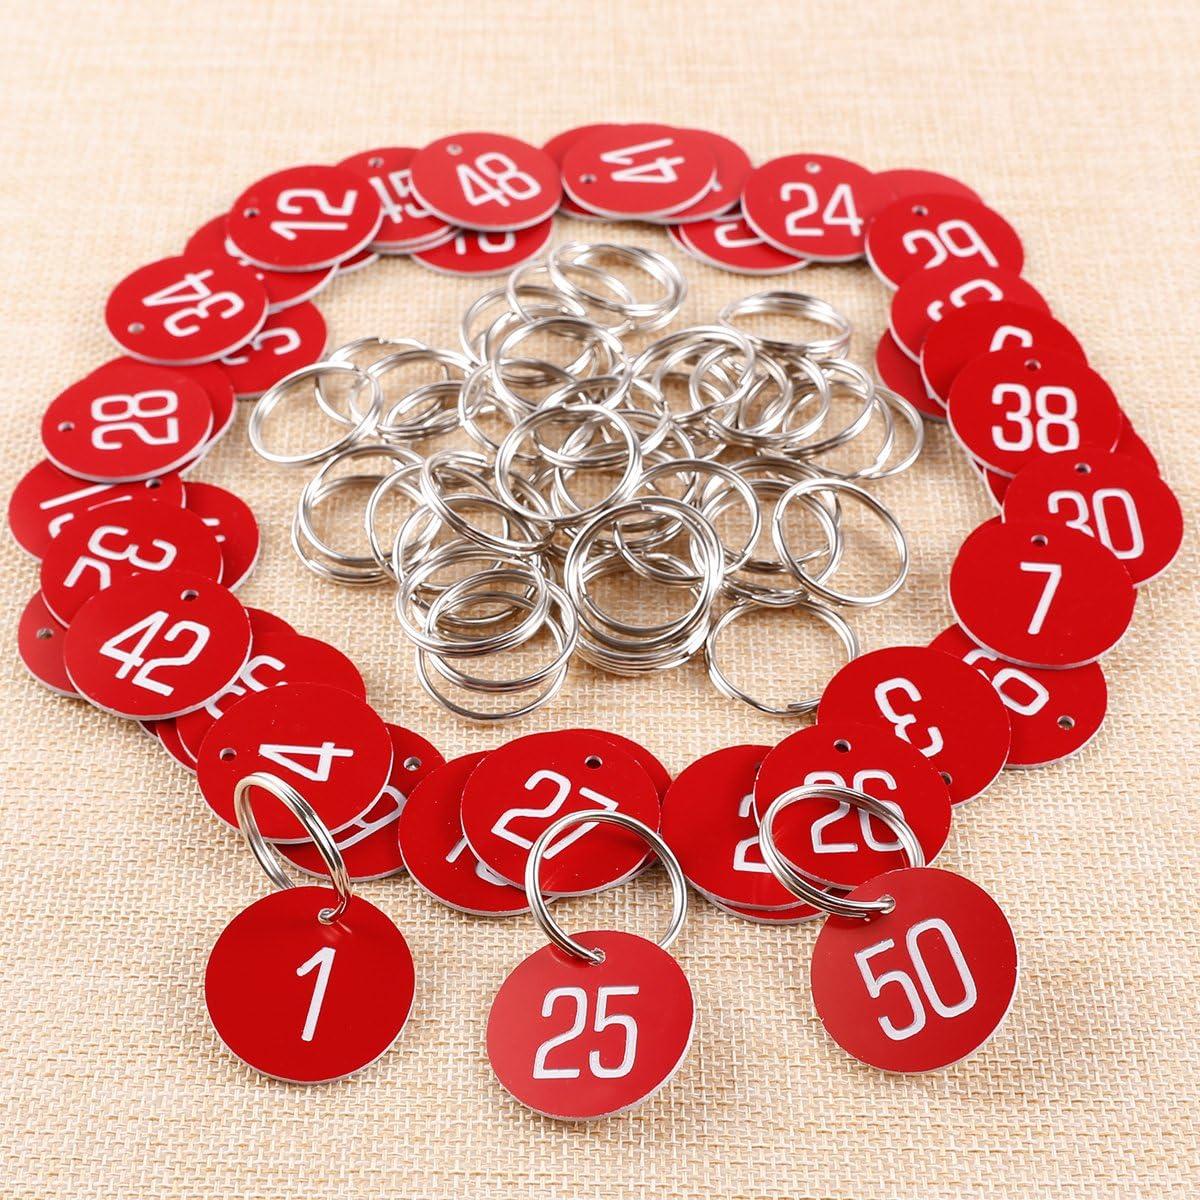 50//100 Etiquettes ID identification porte cl/é tag num/éro bagage consigne table marque place bleu argente 1-100 sans porte cl/é bleu